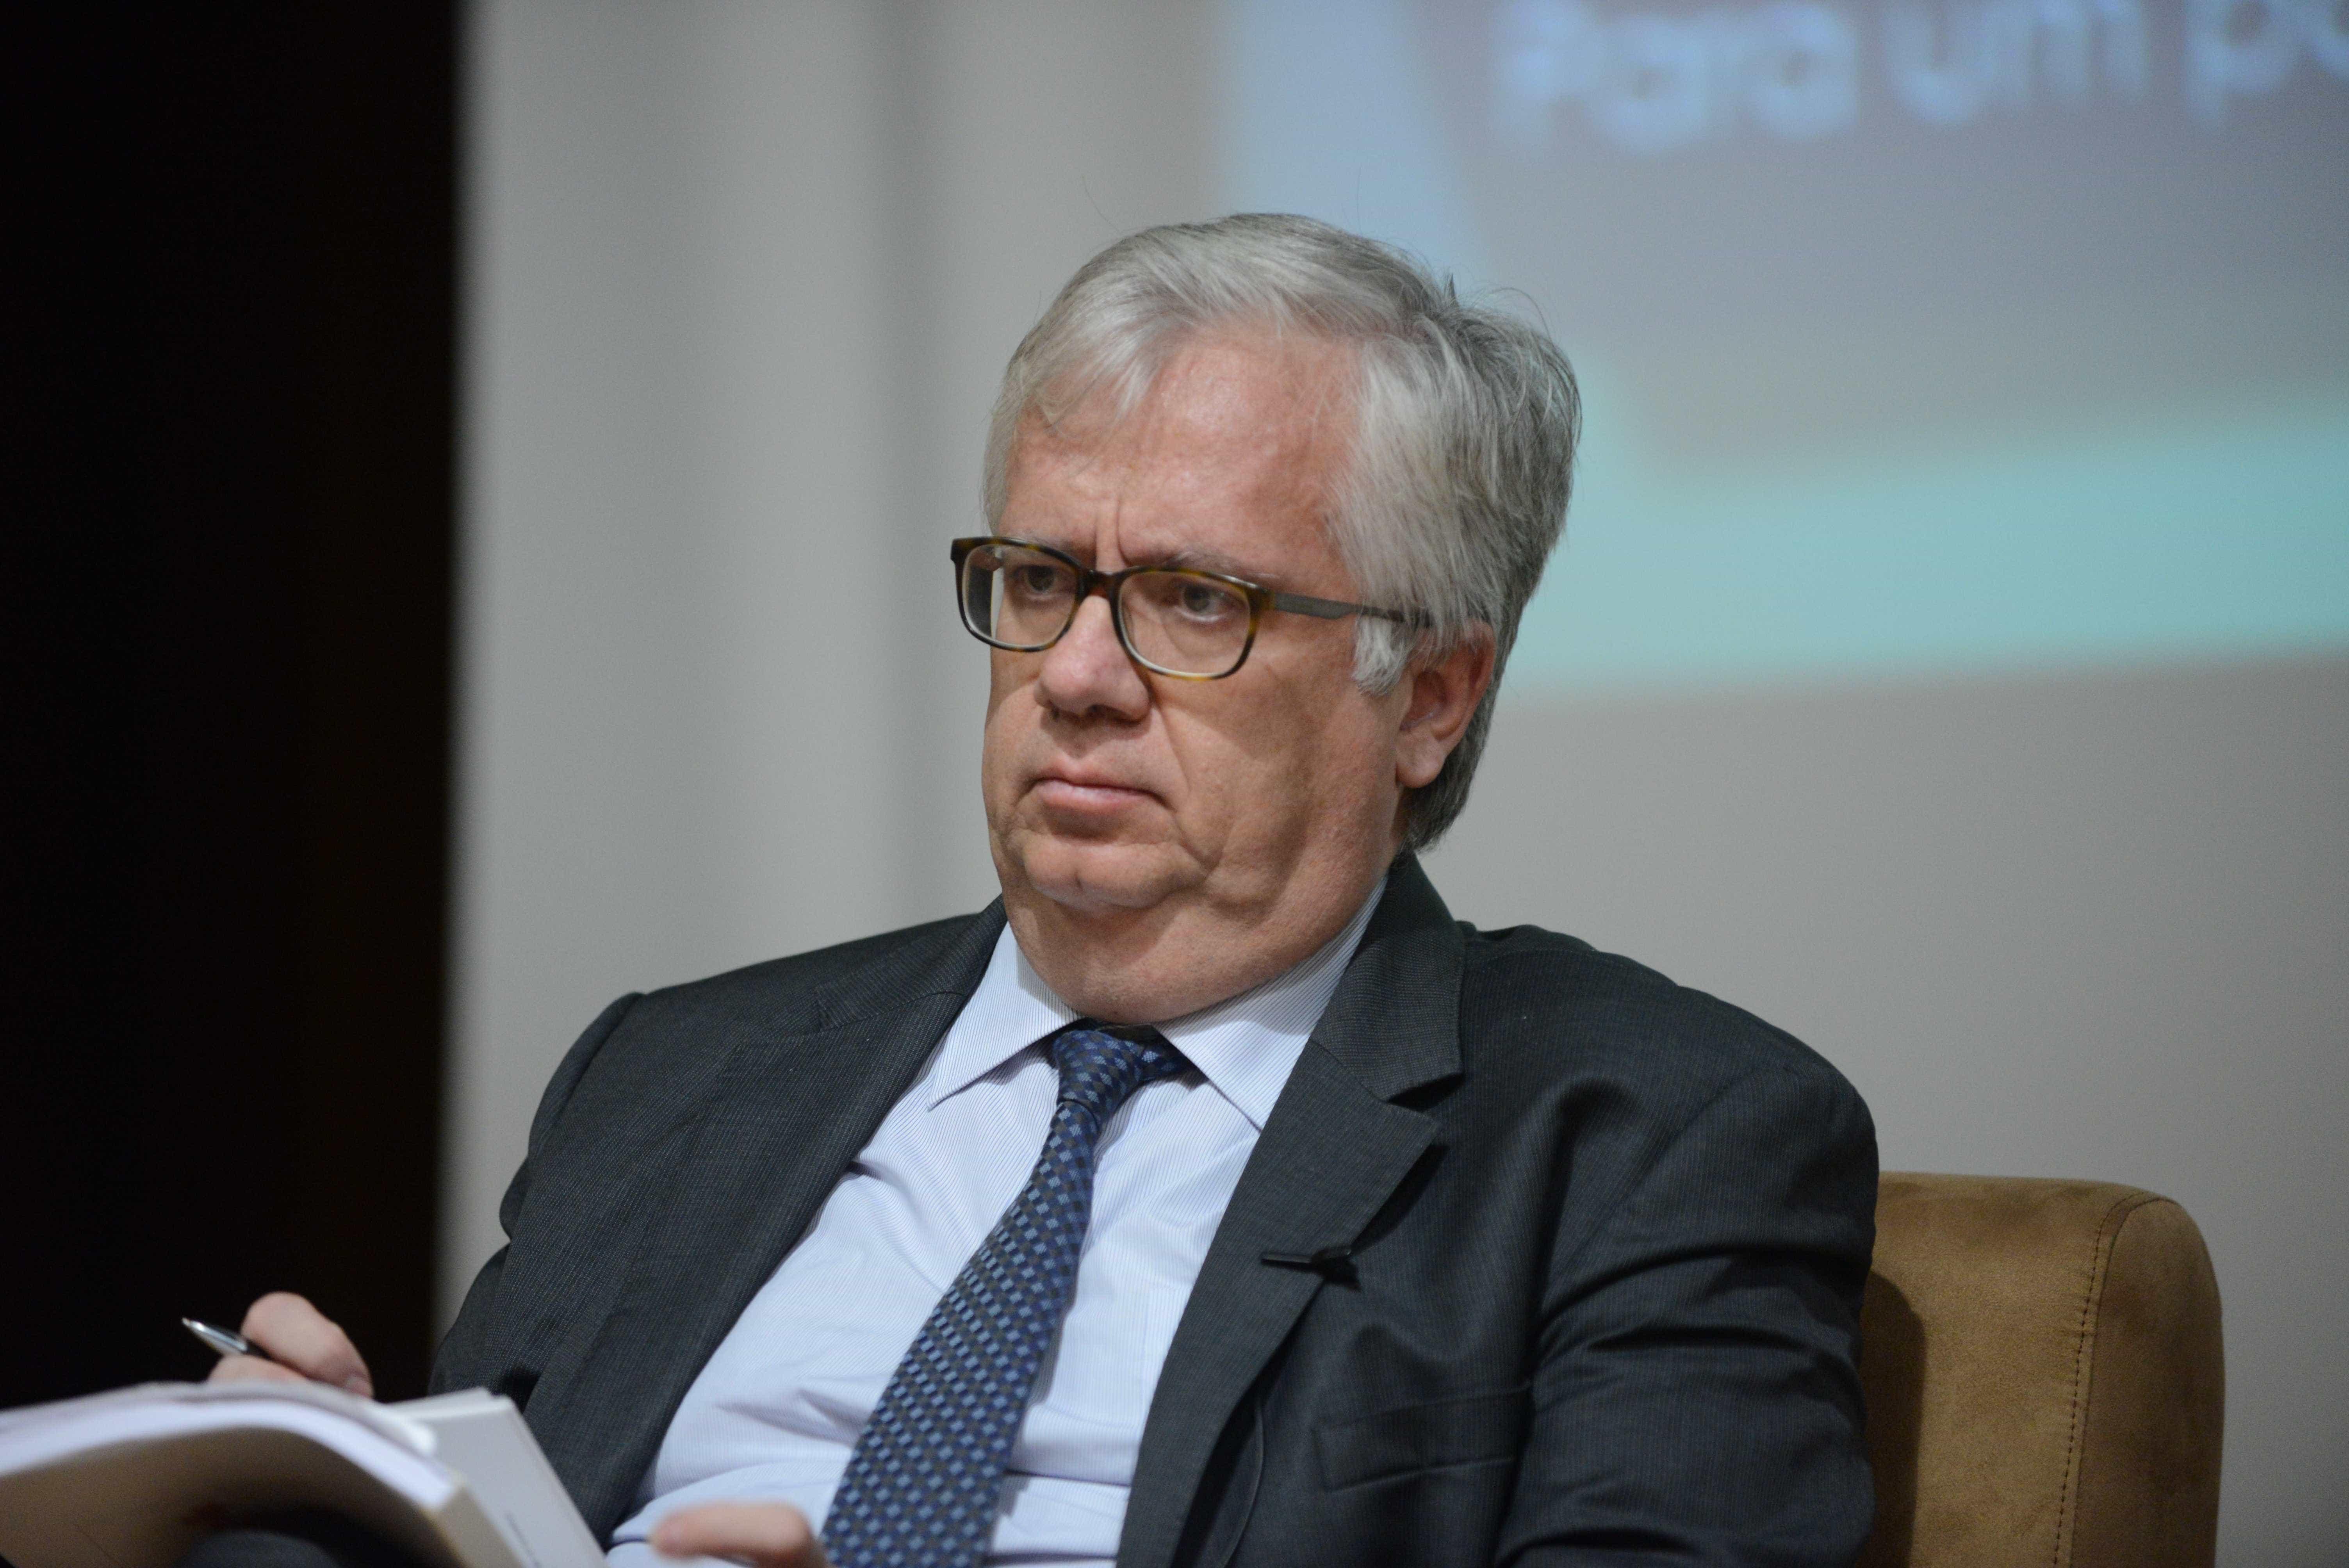 Governo apela aos portugueses para não terem comportamentos de risco